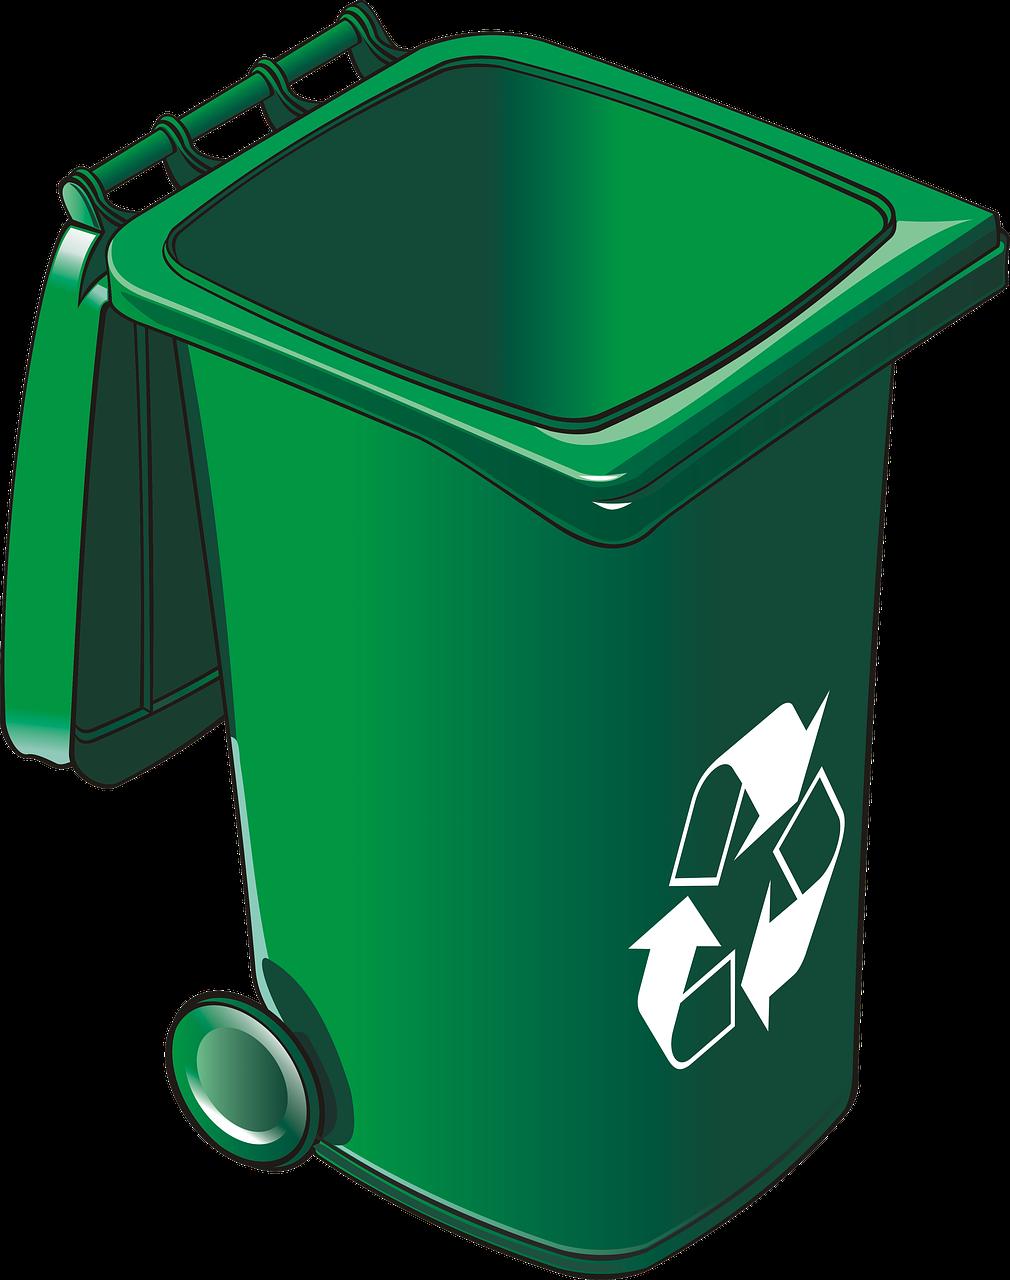 """Résultat de recherche d'images pour """"ramassage ordures images pixabay"""""""